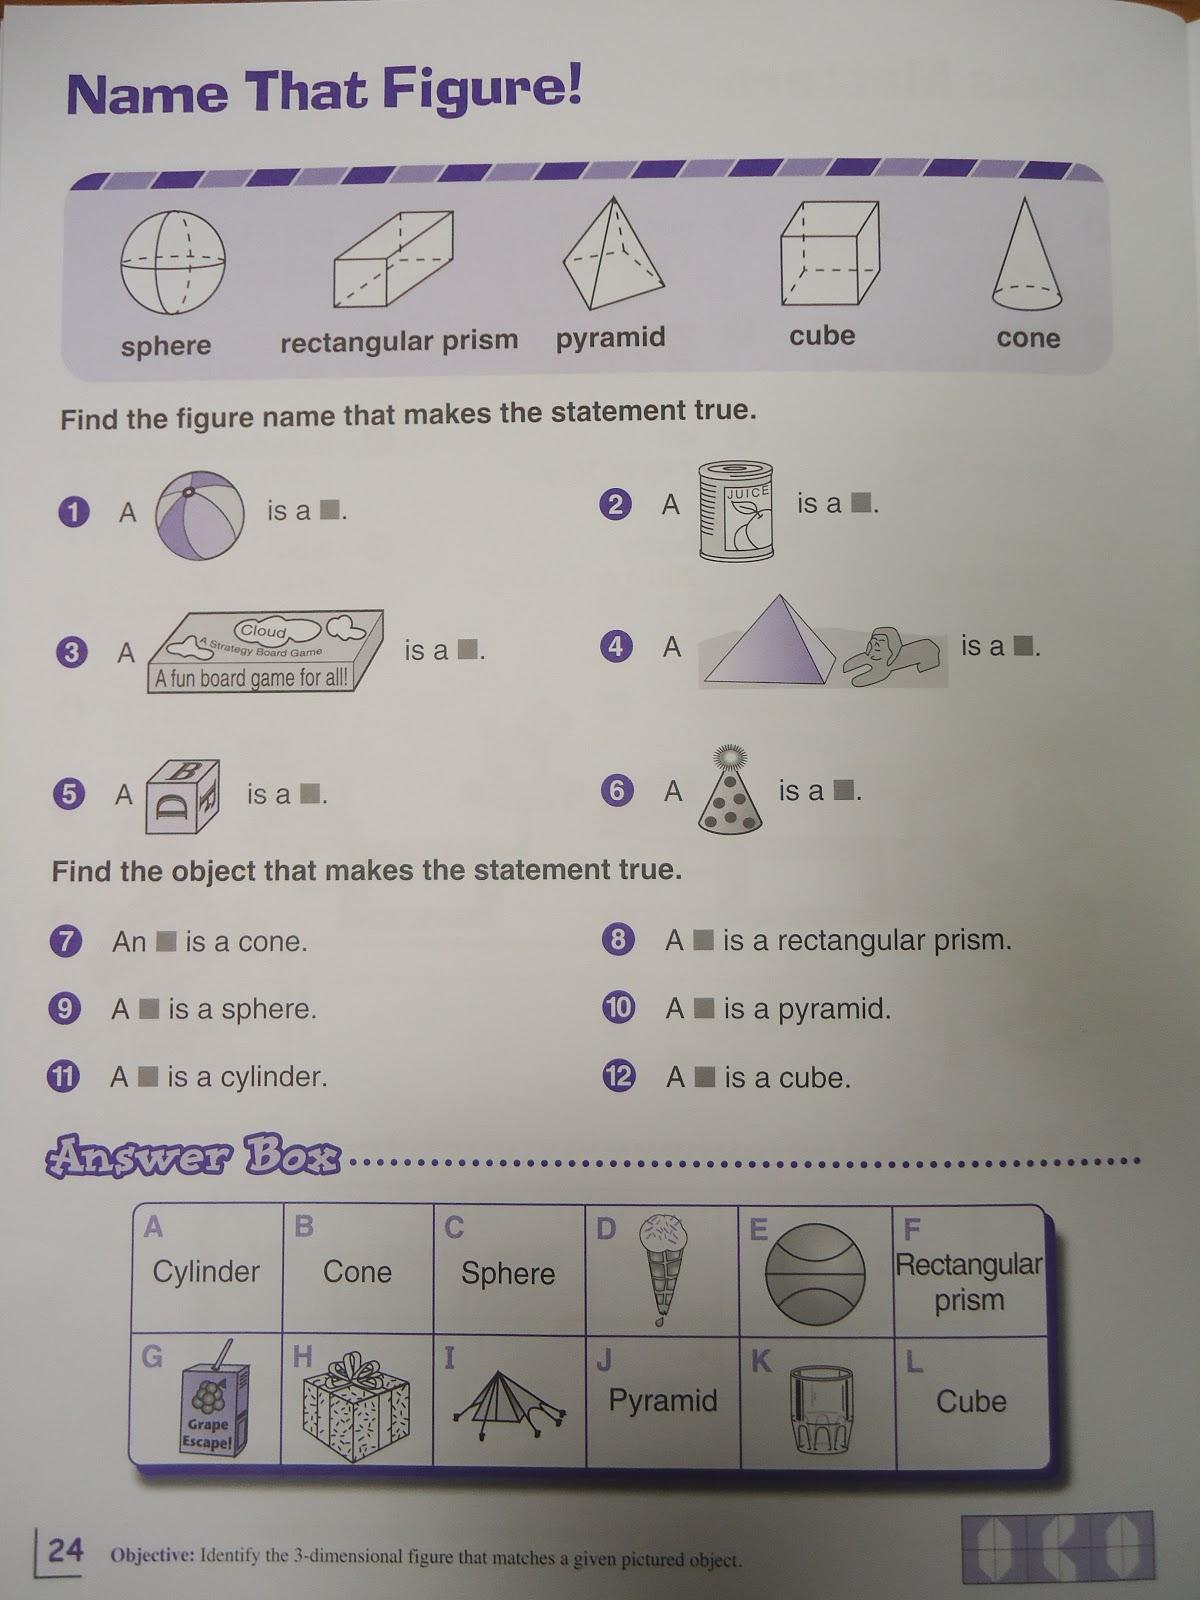 Versatiles Worksheets | Free Printables Worksheet - Free Printable Versatiles Worksheets